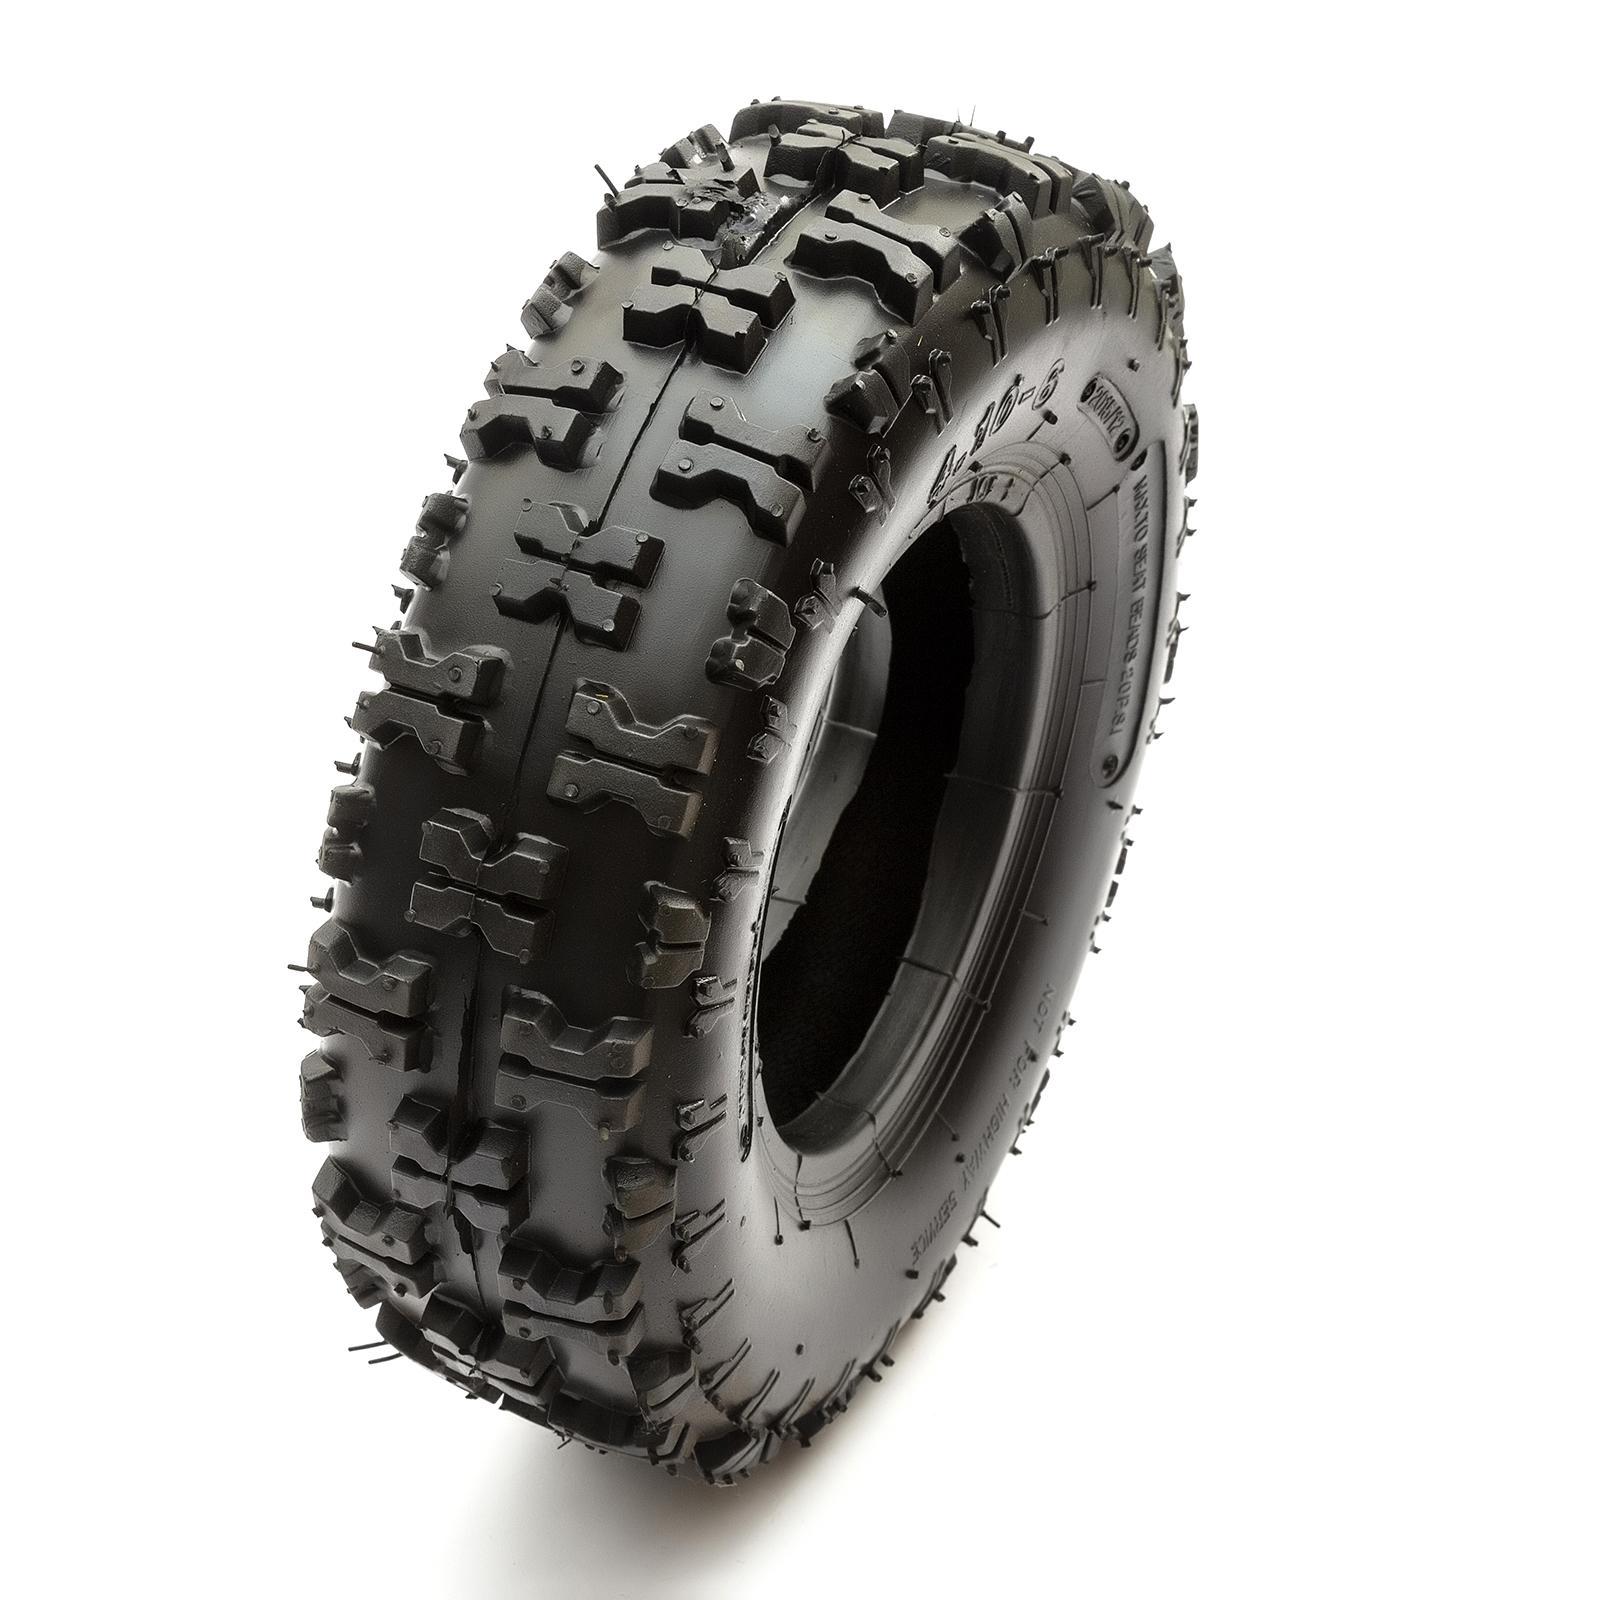 Tyre /& Inner Tube 4.10-6 Midi Moto Quad Bike 410-6 Off Road Knobbly 4.10-6